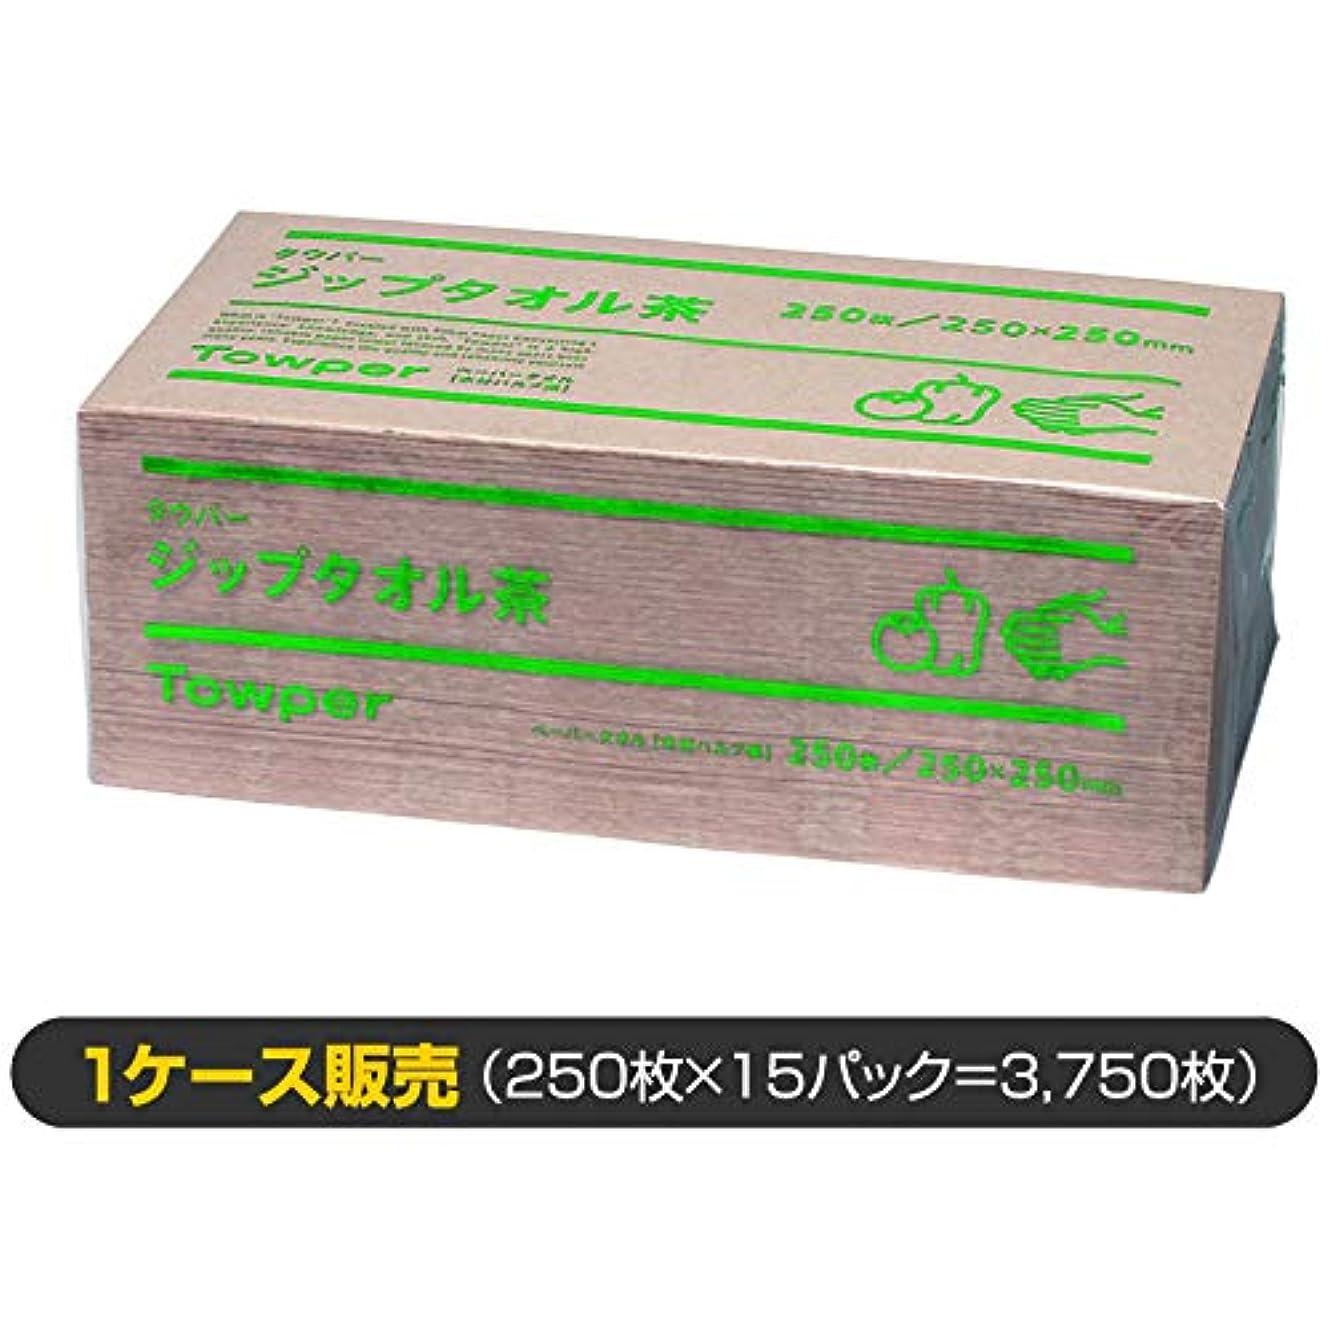 優越種類証書ペーパータオル ジップタオル(茶) /1ケース販売(清潔キレイ館/大判サイズ用)